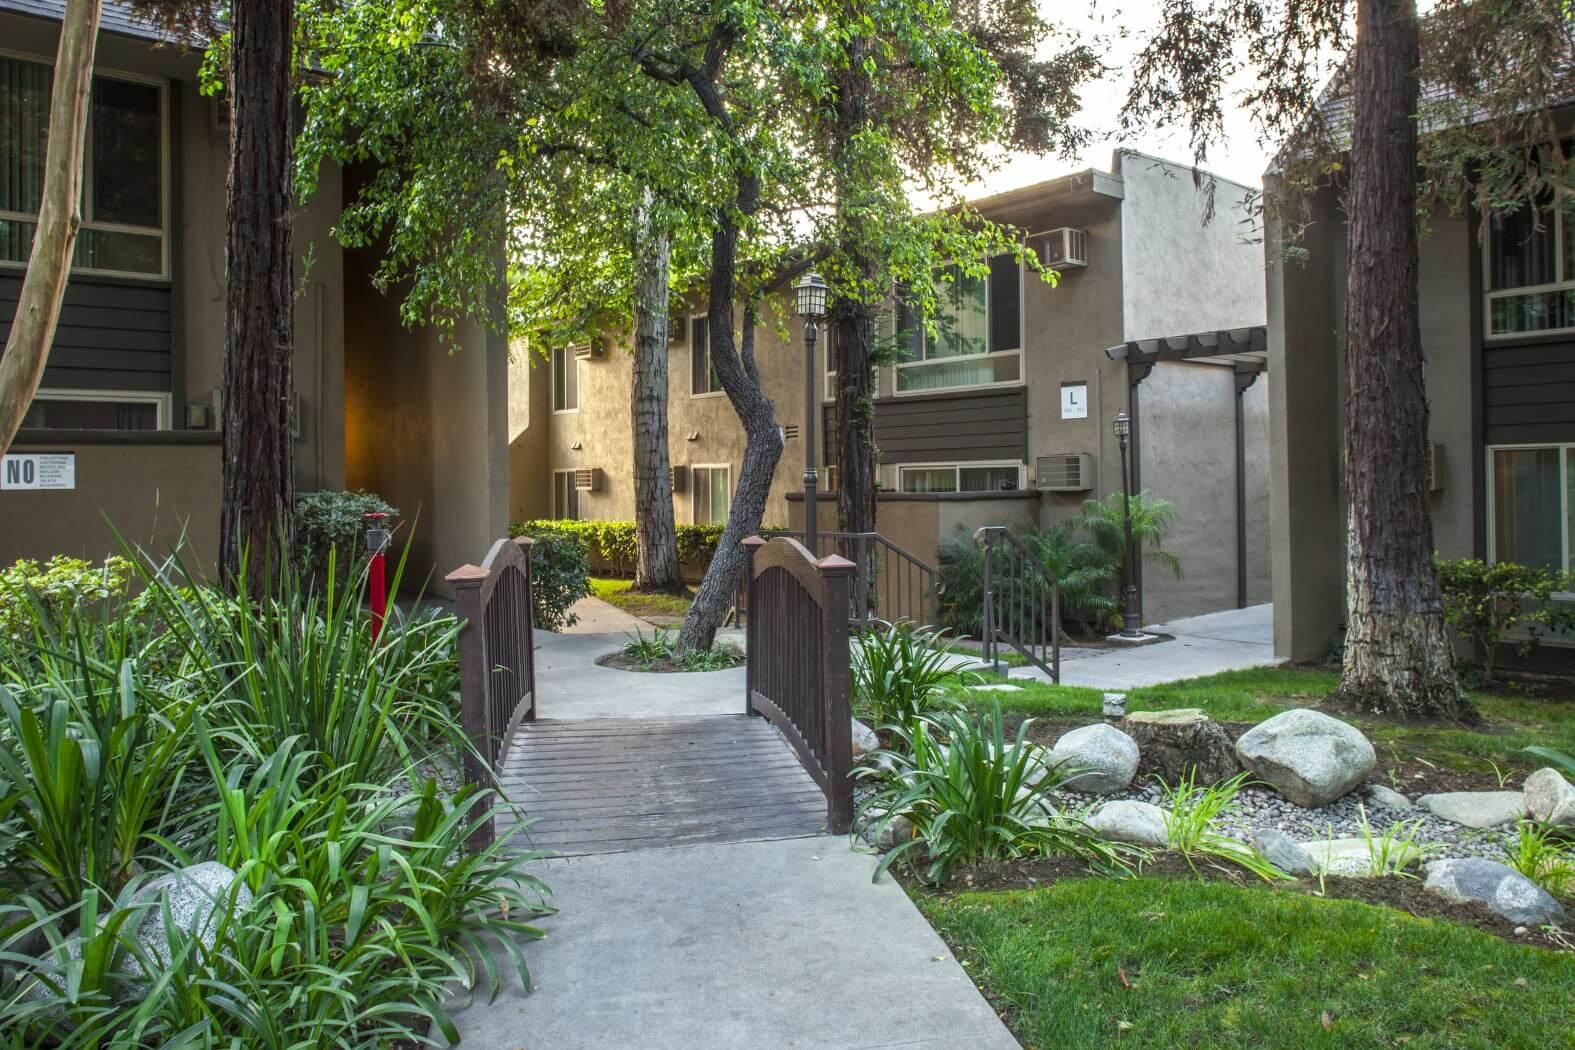 Exquisite Landscaped Garden at Hills at Hacienda Heights, Hacienda Heights, CA, 91745